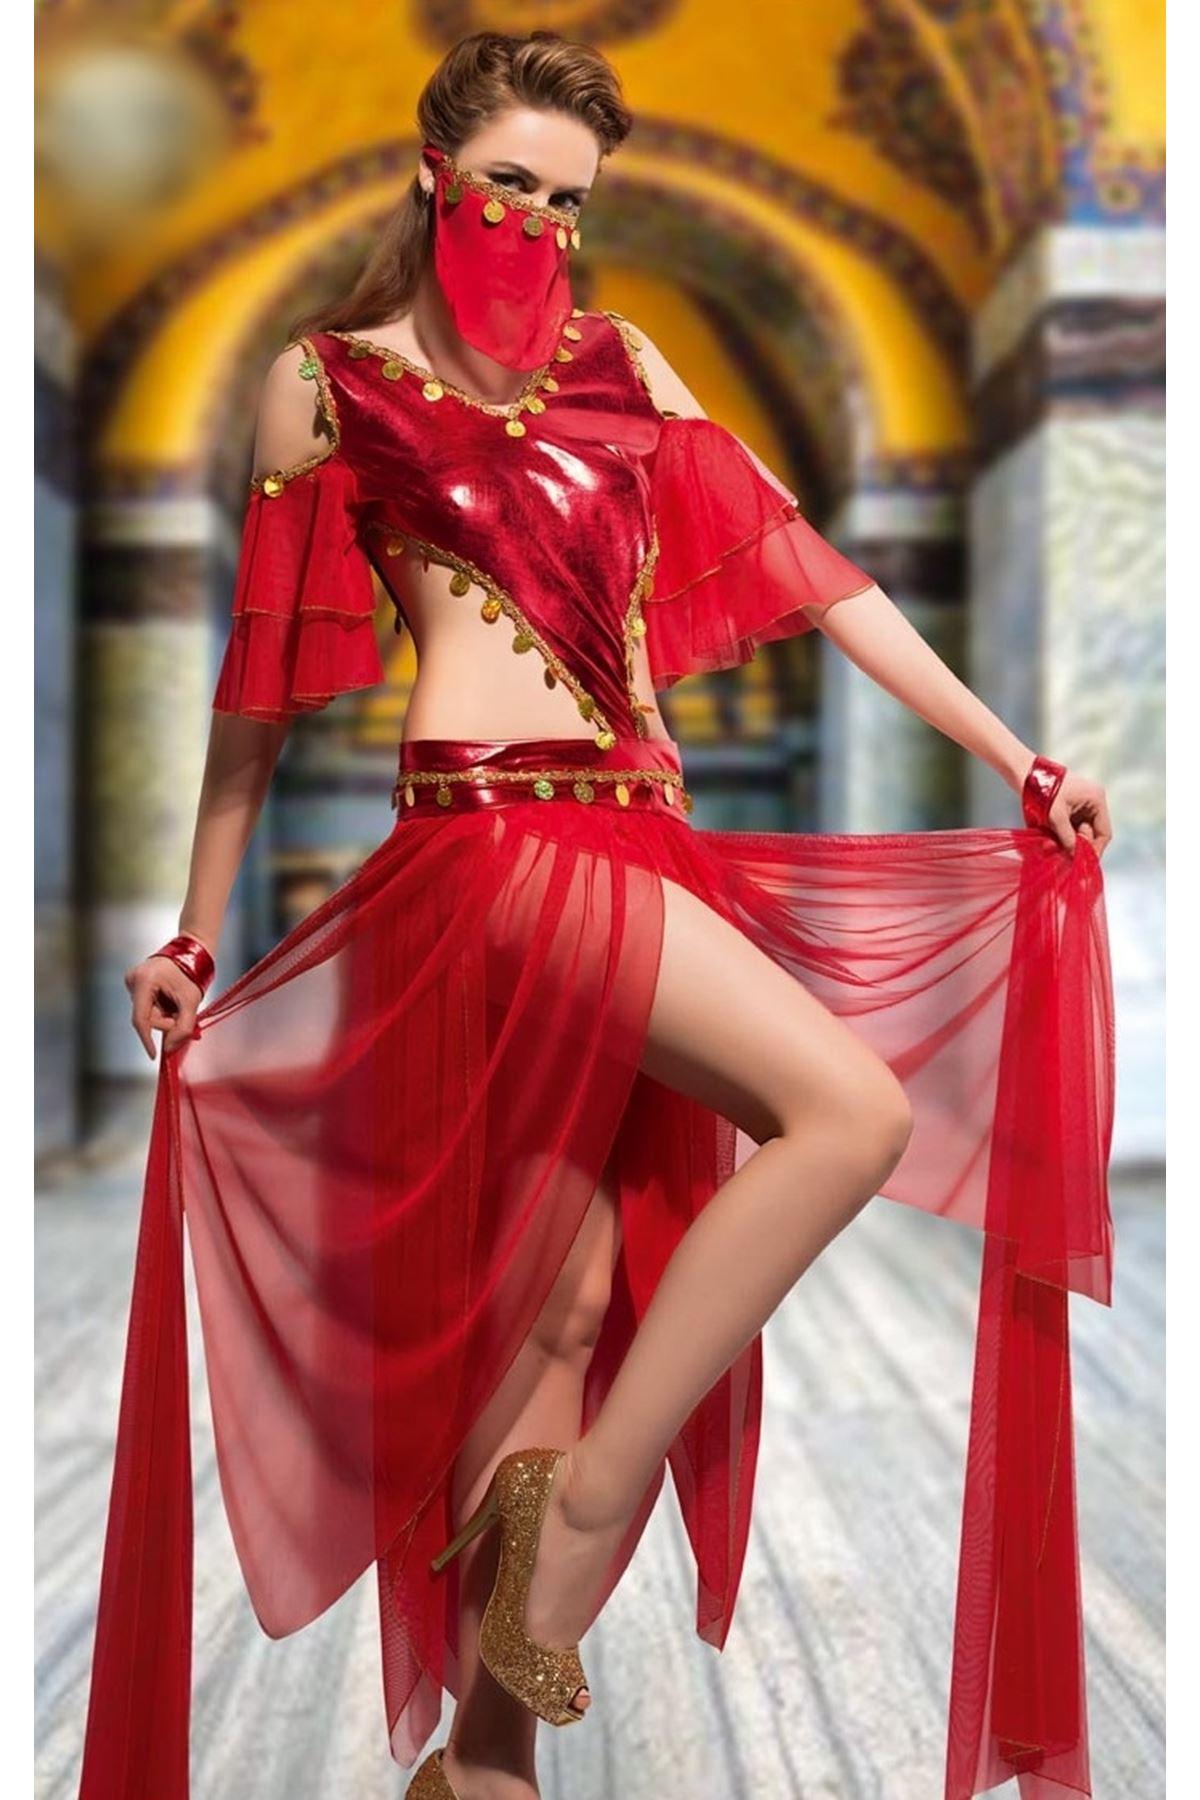 Vip Madame Kadın Fantezi Oryantel Dansöz Kostüm